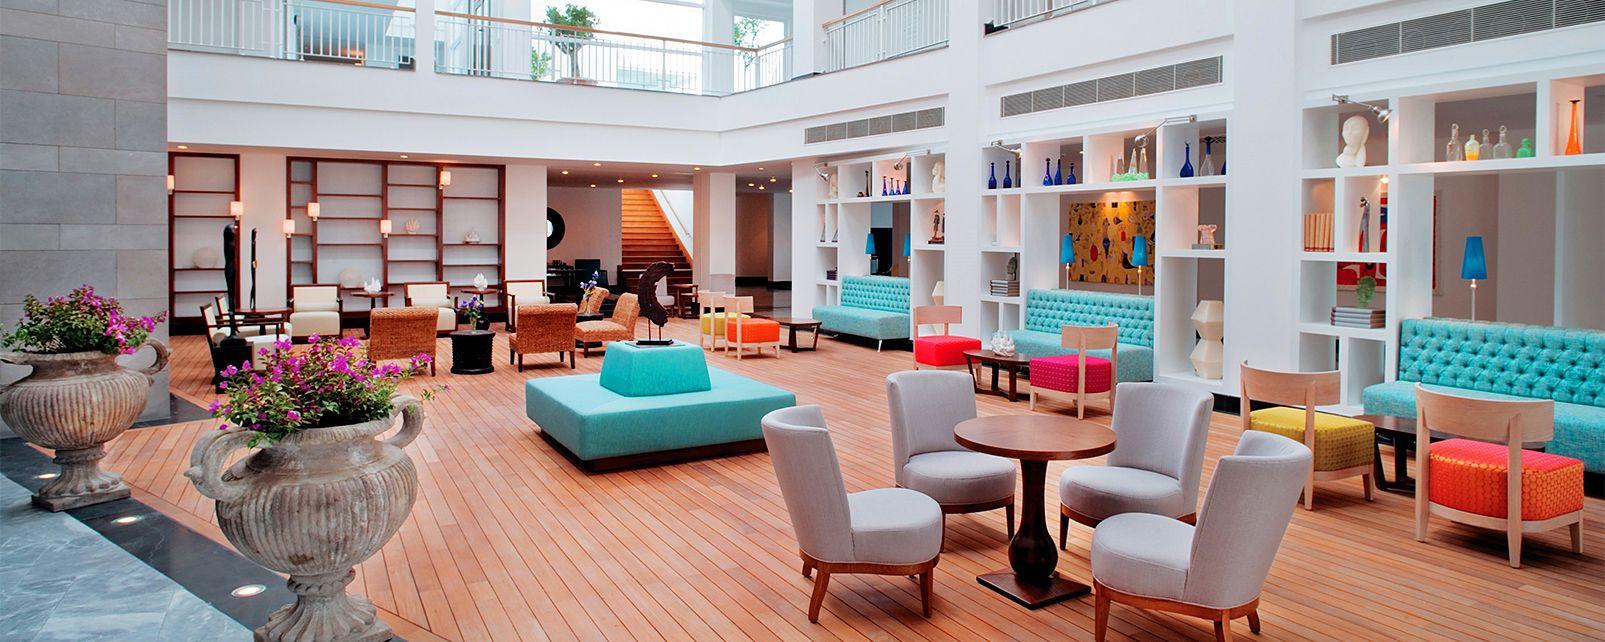 Hotel Doria Hotel Bodrum